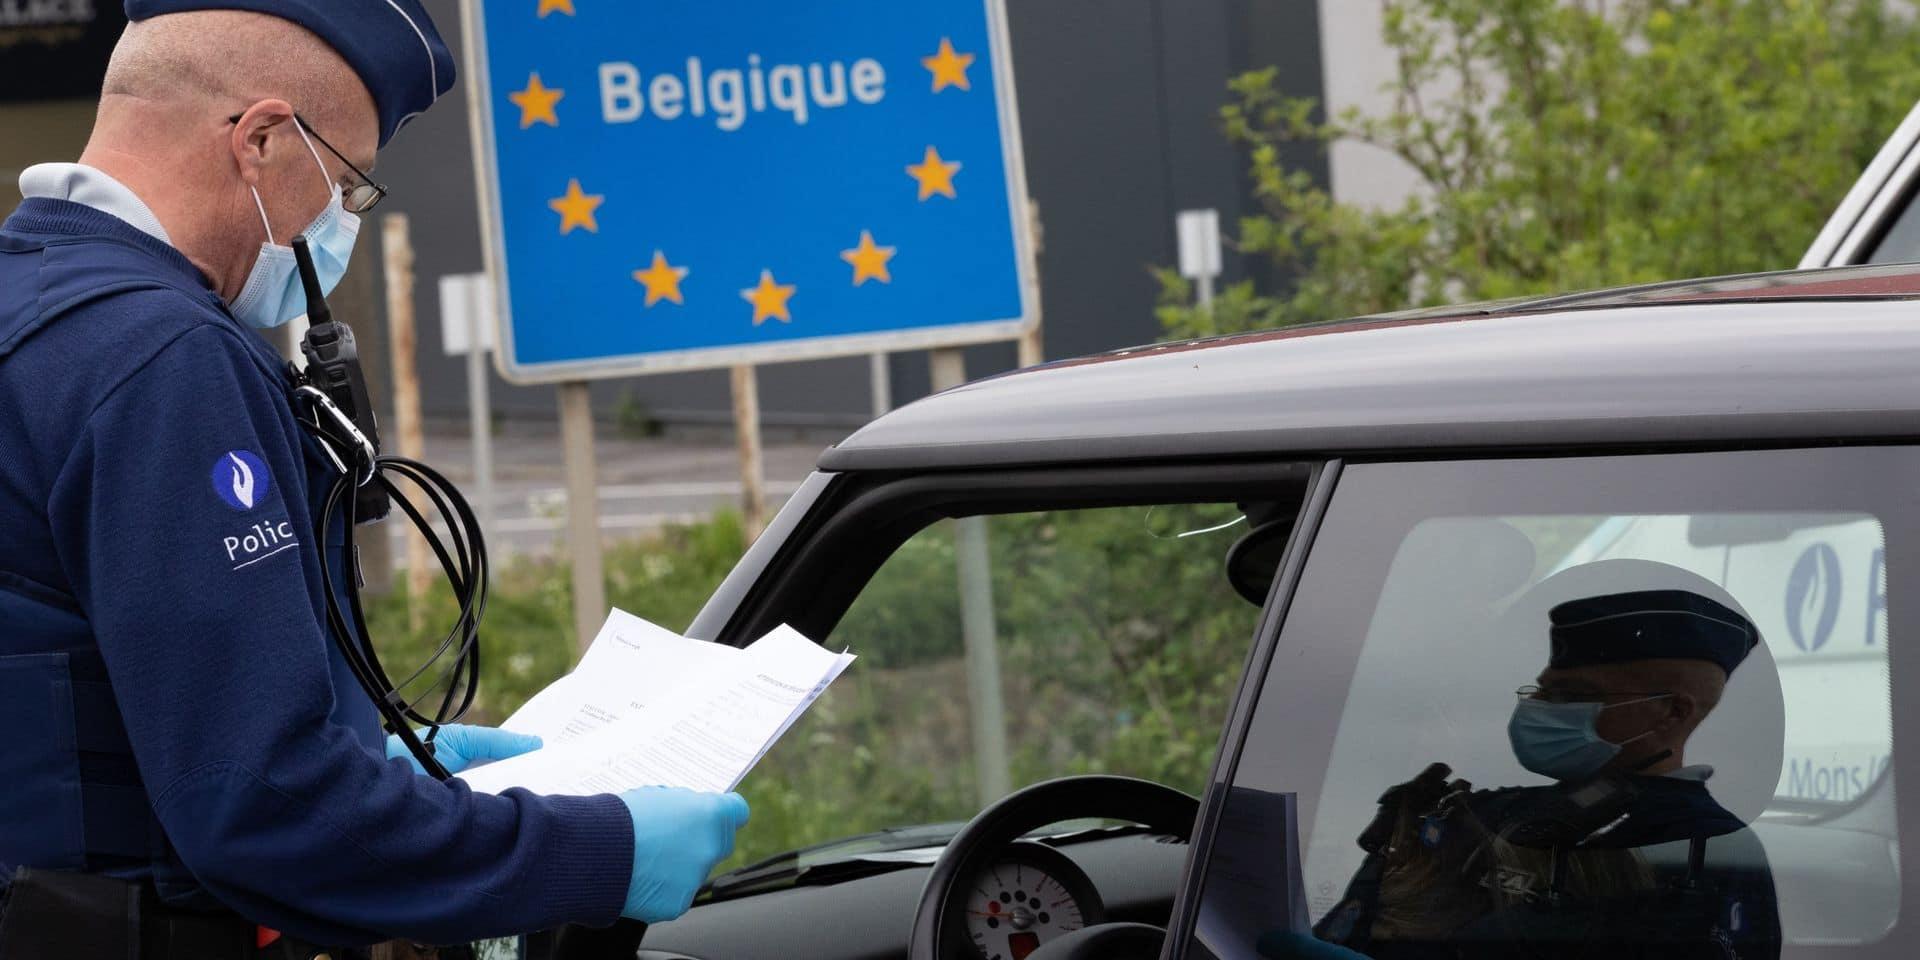 Près de 100.000 PV COVID-19 enregistrés en Belgique en deux mois de confinement